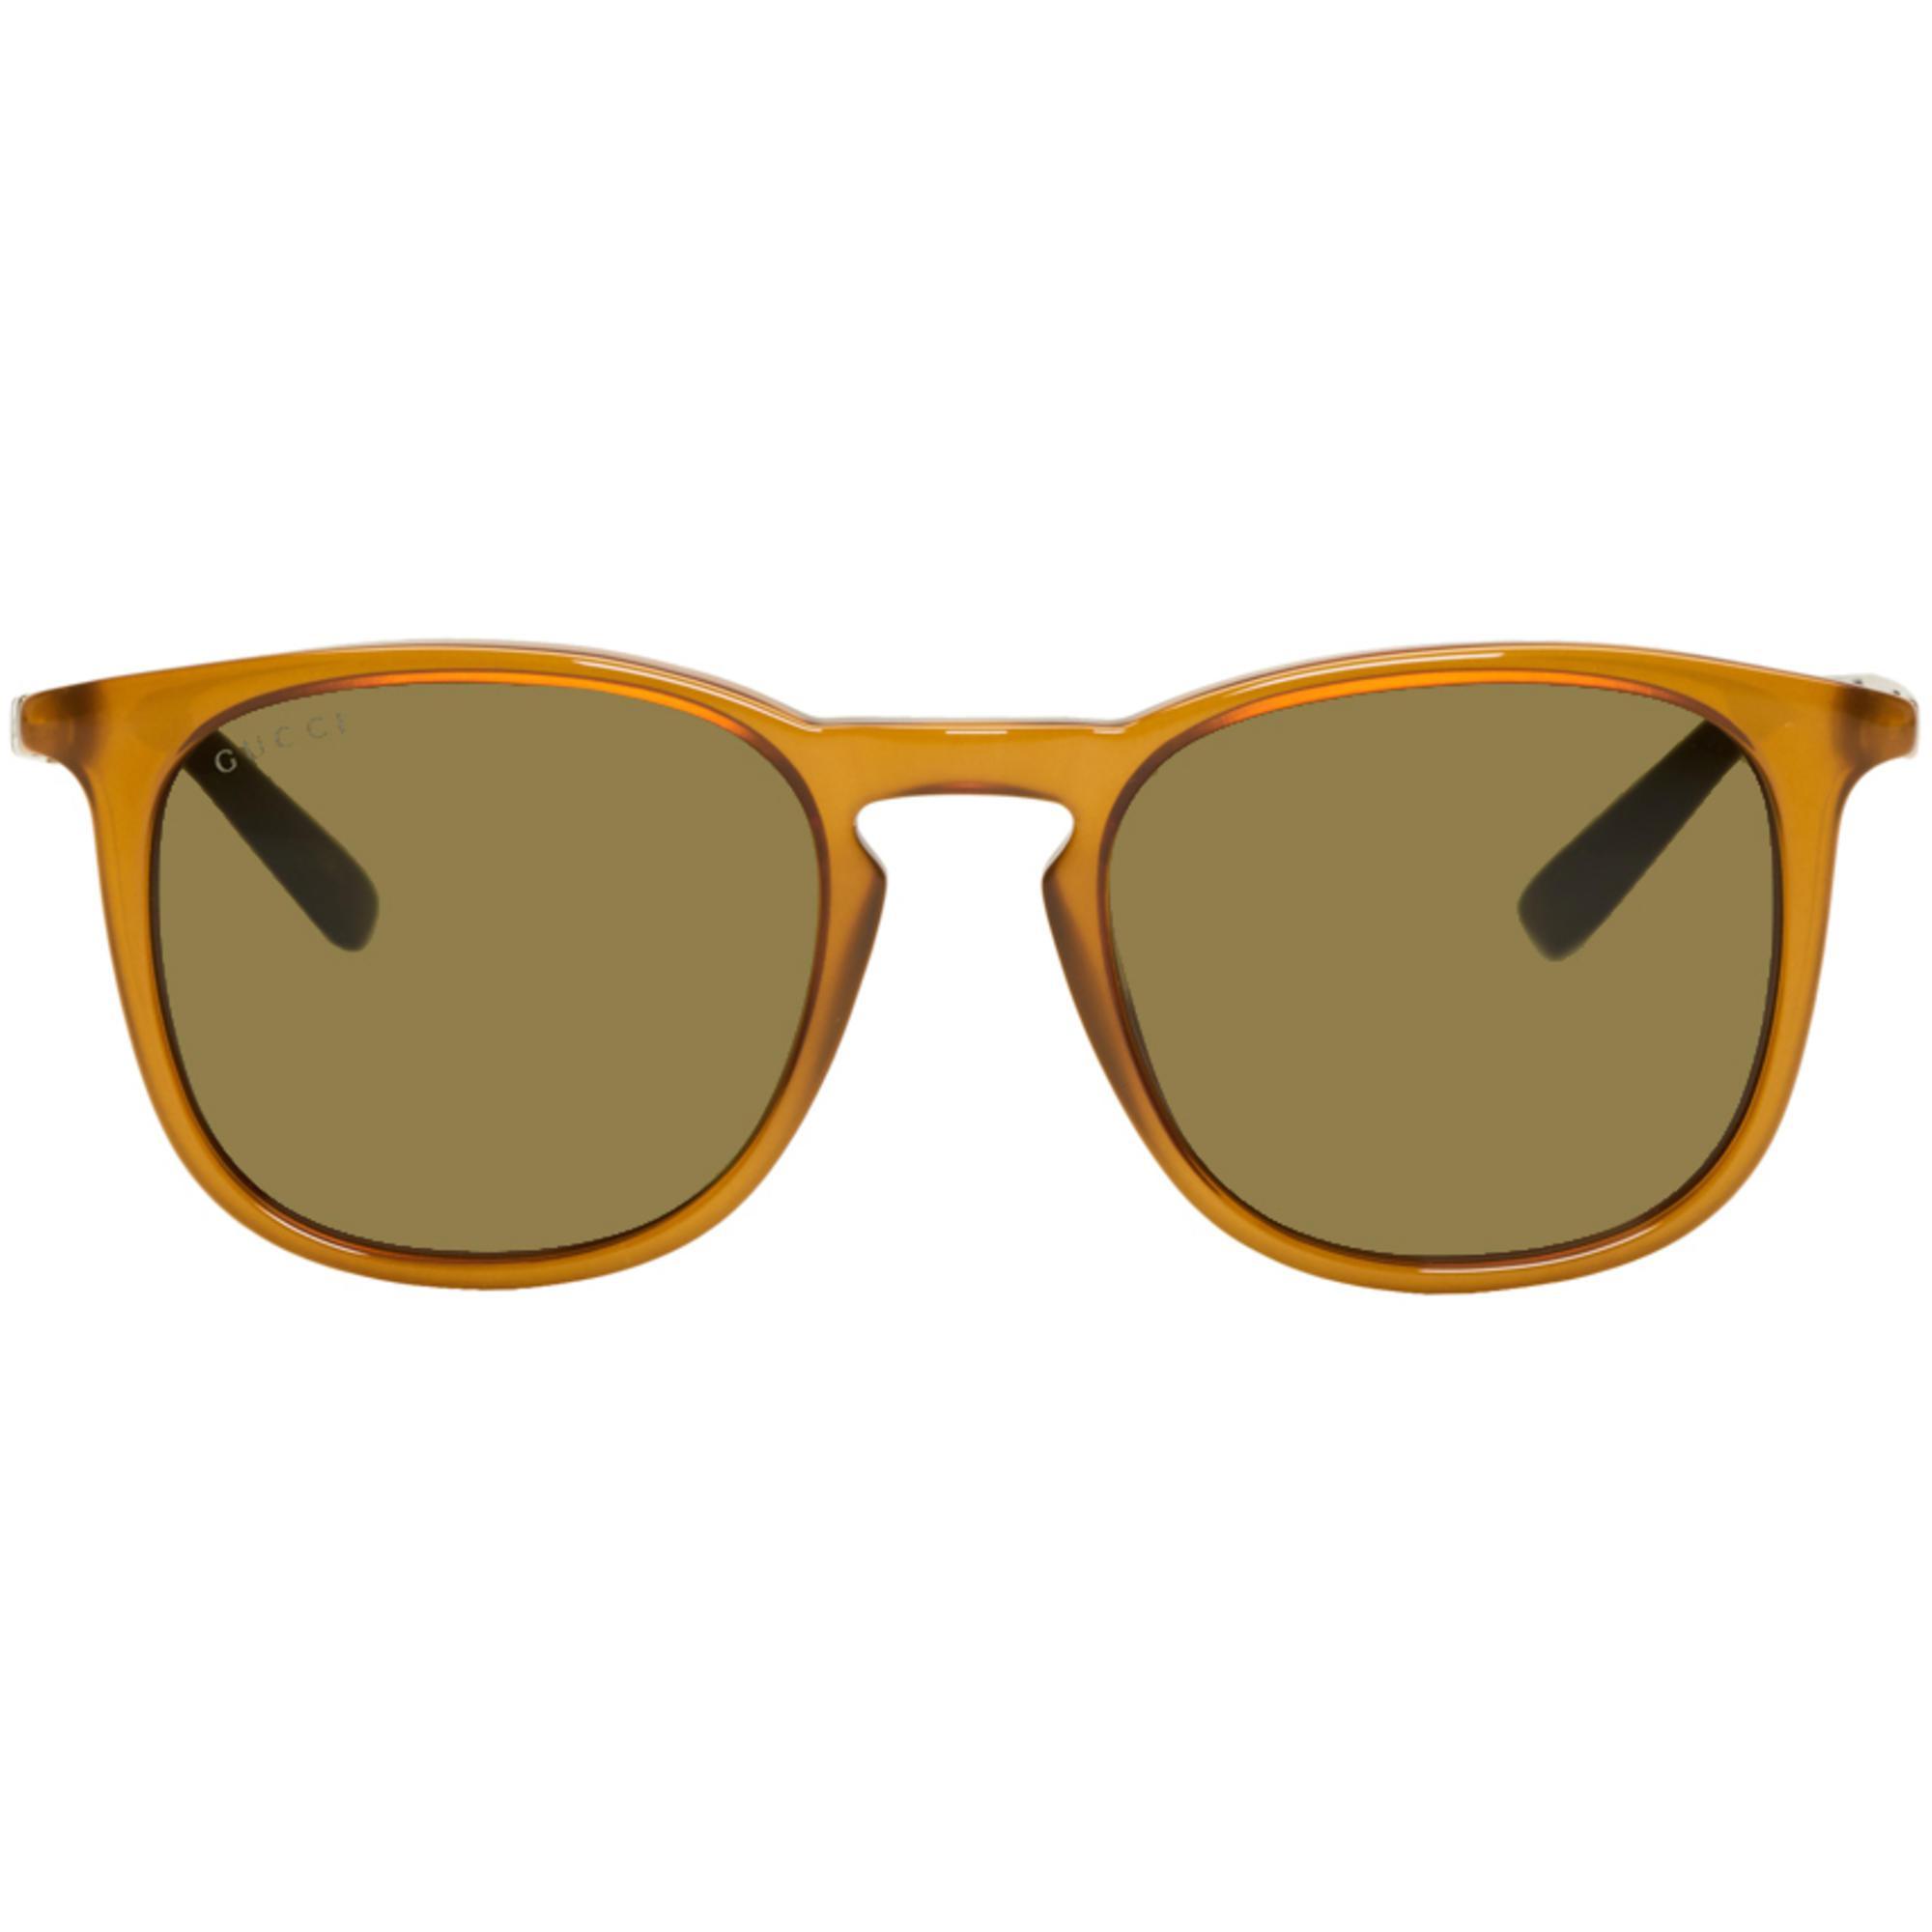 1772807cc58 Lyst - Gucci Tan Sensual Romanticism Retro Web Sunglasses in Brown